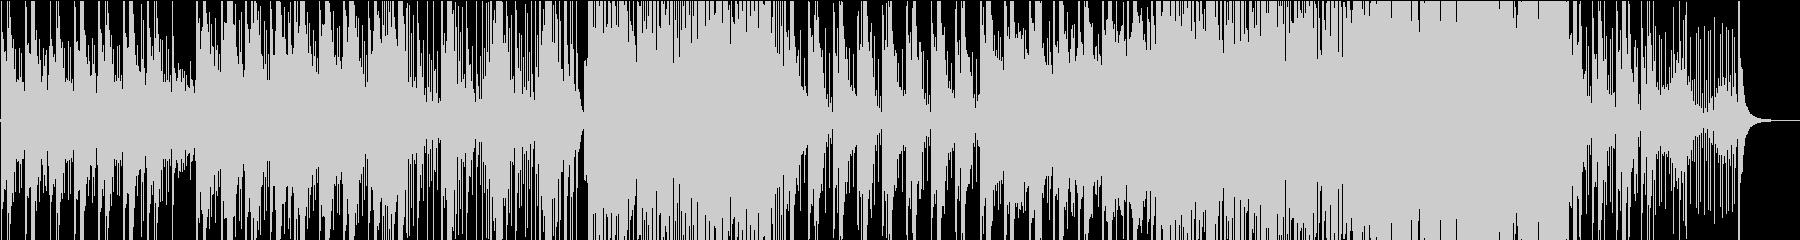 和風のドラマ・動画を想定した曲ですの未再生の波形